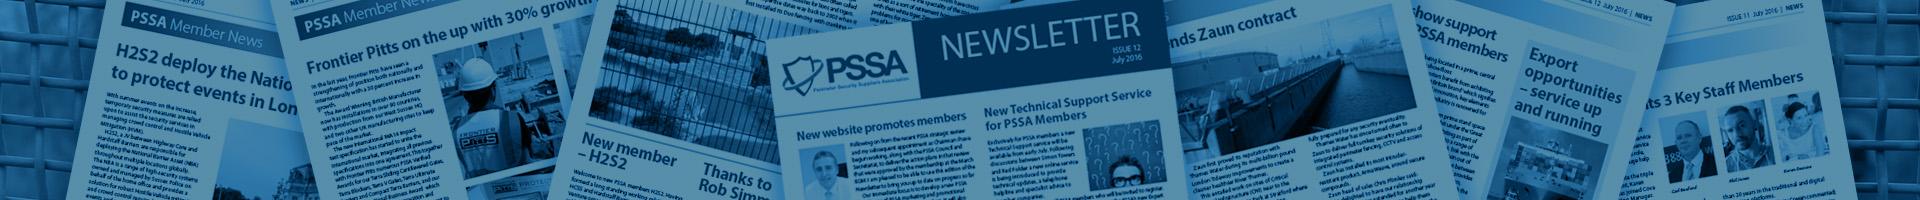 PSSA Newsletter Header Image